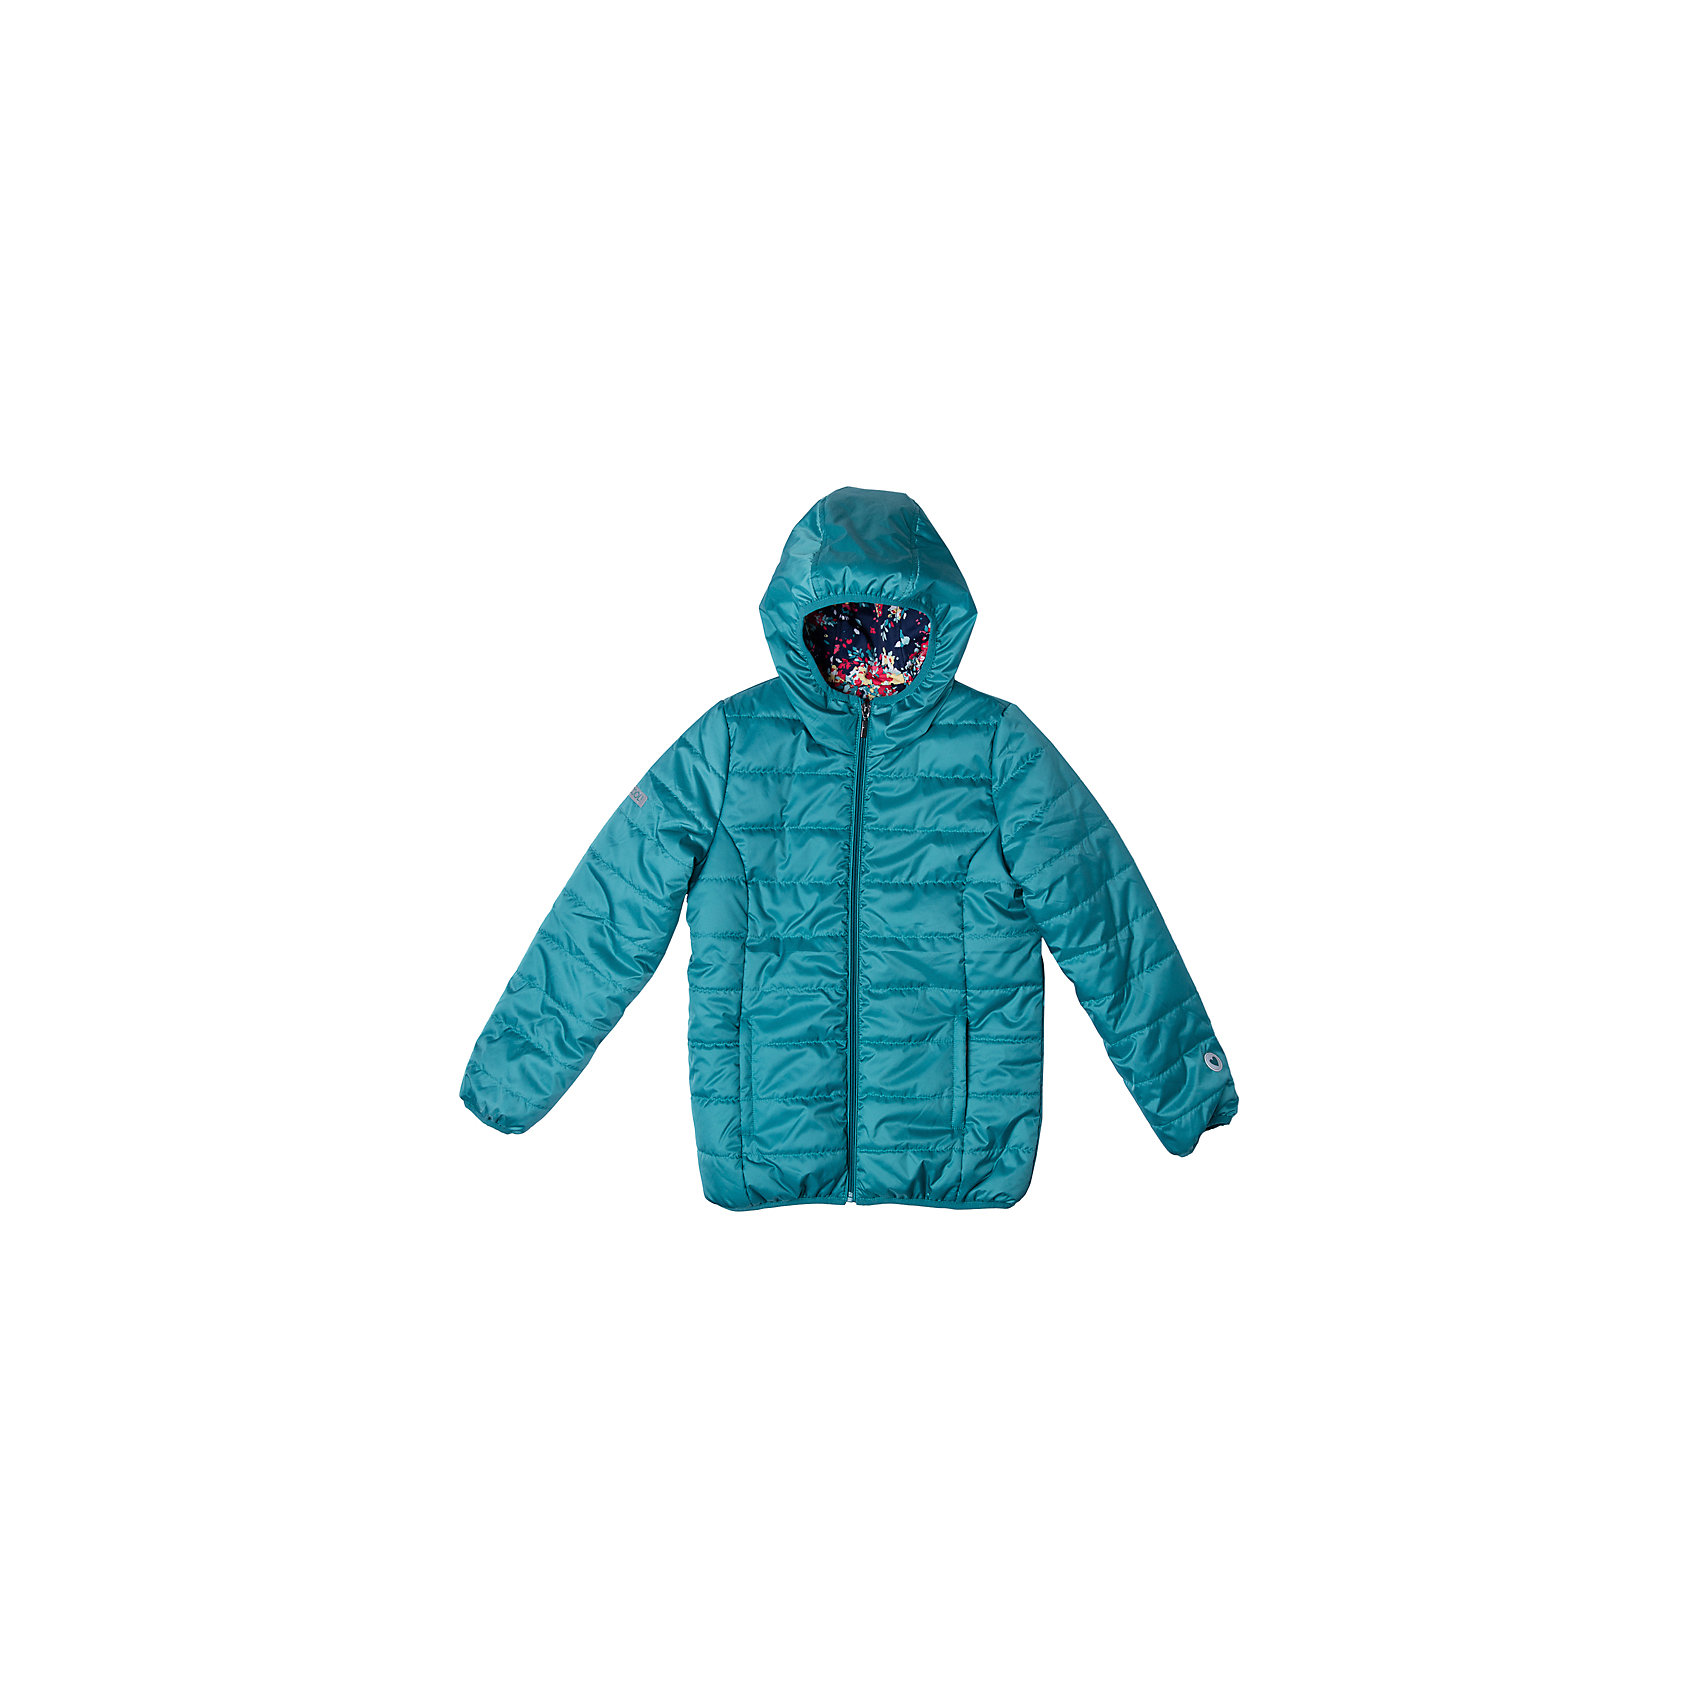 Куртка для девочки ScoolШик и блеск<br>Характеристики товара:<br><br>• цвет: зелёный/мультиколор<br>• состав: 100% полиэстер<br>• подкладка: 100% полиэстер<br>• утеплитель: 100% полиэстер, 150 г/м2<br>• температурный режим: от +5°С до +15°С<br>• сезон: демисезон<br>• двусторонняя<br>• водоотталкивающая пропитка<br>• удобные карманы<br>• застёжка: молния<br>• мягкие резинки на рукавах<br>• светоотражатели на рукаве и по низу изделия<br>• капюшон на мягкой резинке<br>• страна бренда: Германия<br>• страна производства: Китай<br><br>Утеплённая куртка для девочки Scool. Практичная стильная двусторонняя куртка с капюшоном  - прекрасное решение для прохладной погоды. Мягкие трикотажные резинки на рукавах защитят ребенка - ветер не сможет проникнуть под куртку.  Светоотражатели по низу изделия и на рукаве позволят видеть ребенка в темное время суток. Капюшон на мягкой резинке, даже во время сильного ветрра иди активных игр, капюшон не упадет с головы ребенка. Куртка на молнии.<br><br>Куртку для девочки от известного бренда Scool можно купить в нашем интернет-магазине.<br><br>Ширина мм: 356<br>Глубина мм: 10<br>Высота мм: 245<br>Вес г: 519<br>Цвет: белый<br>Возраст от месяцев: 156<br>Возраст до месяцев: 168<br>Пол: Женский<br>Возраст: Детский<br>Размер: 164,134,140,146,152,158<br>SKU: 5406855